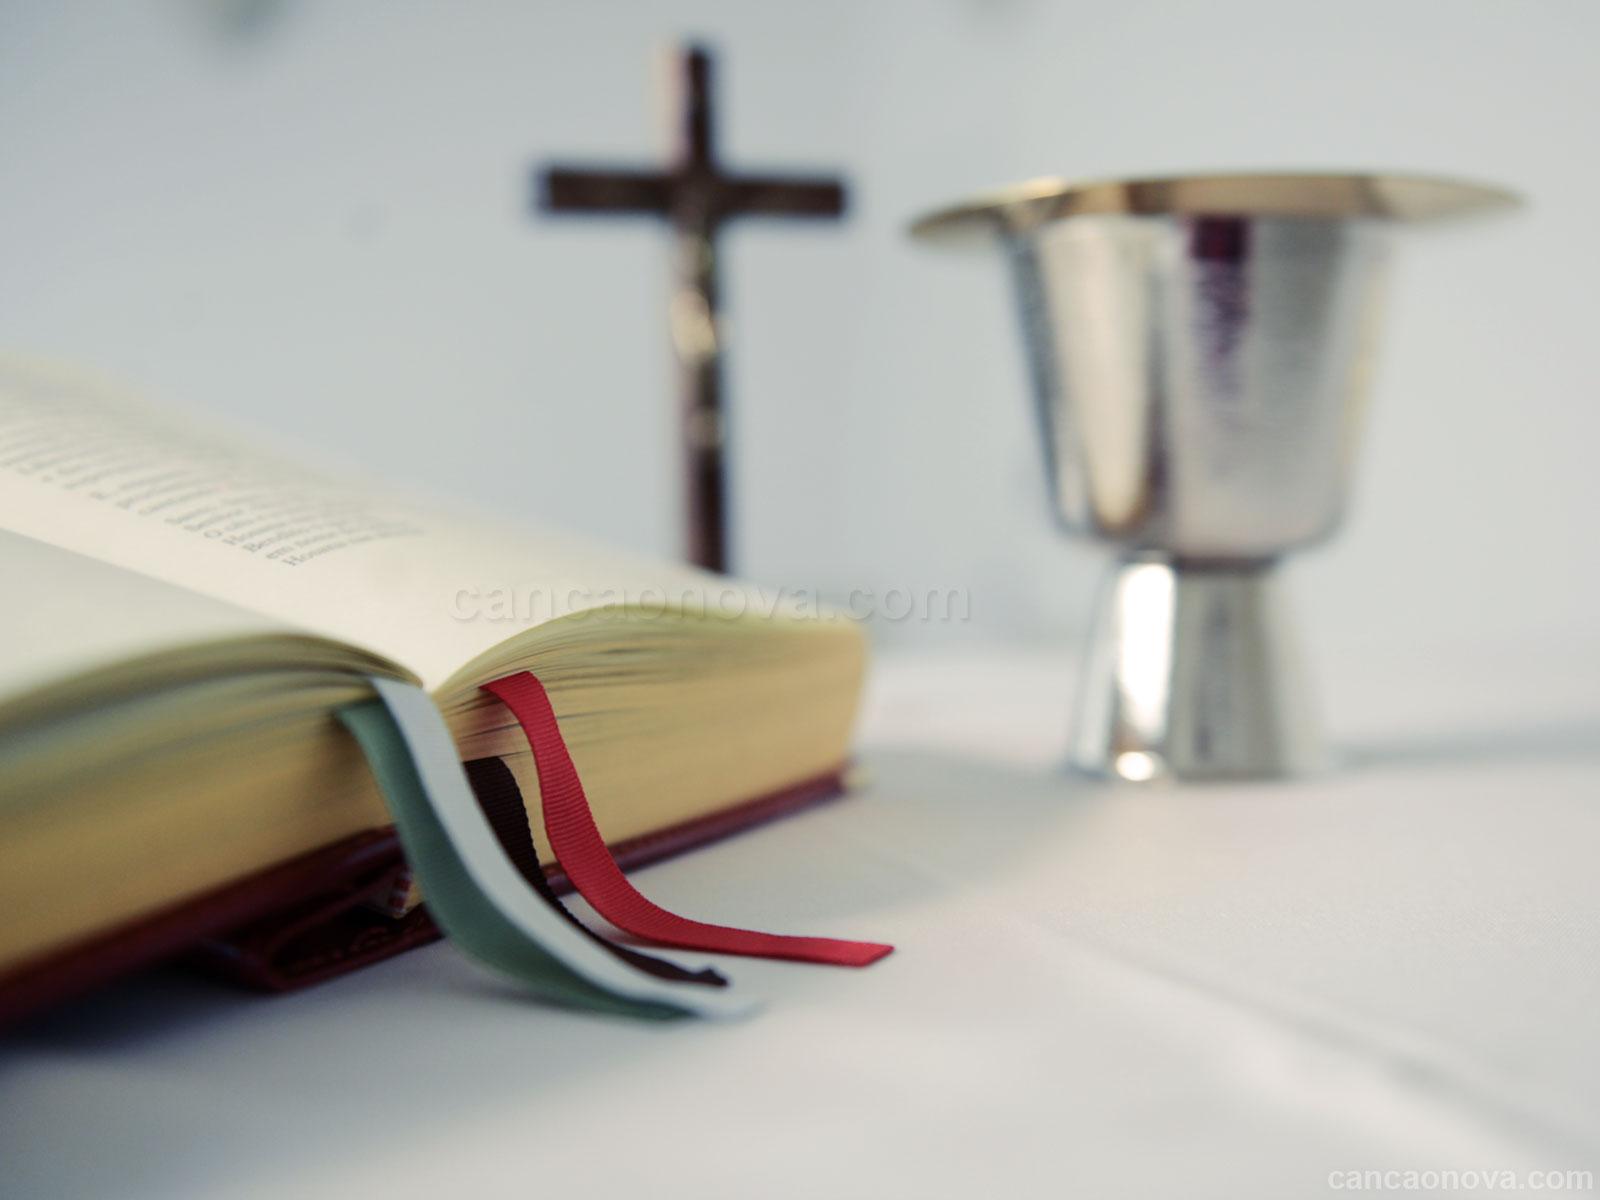 Equipe de Liturgia inicia os trabalhos de 2020